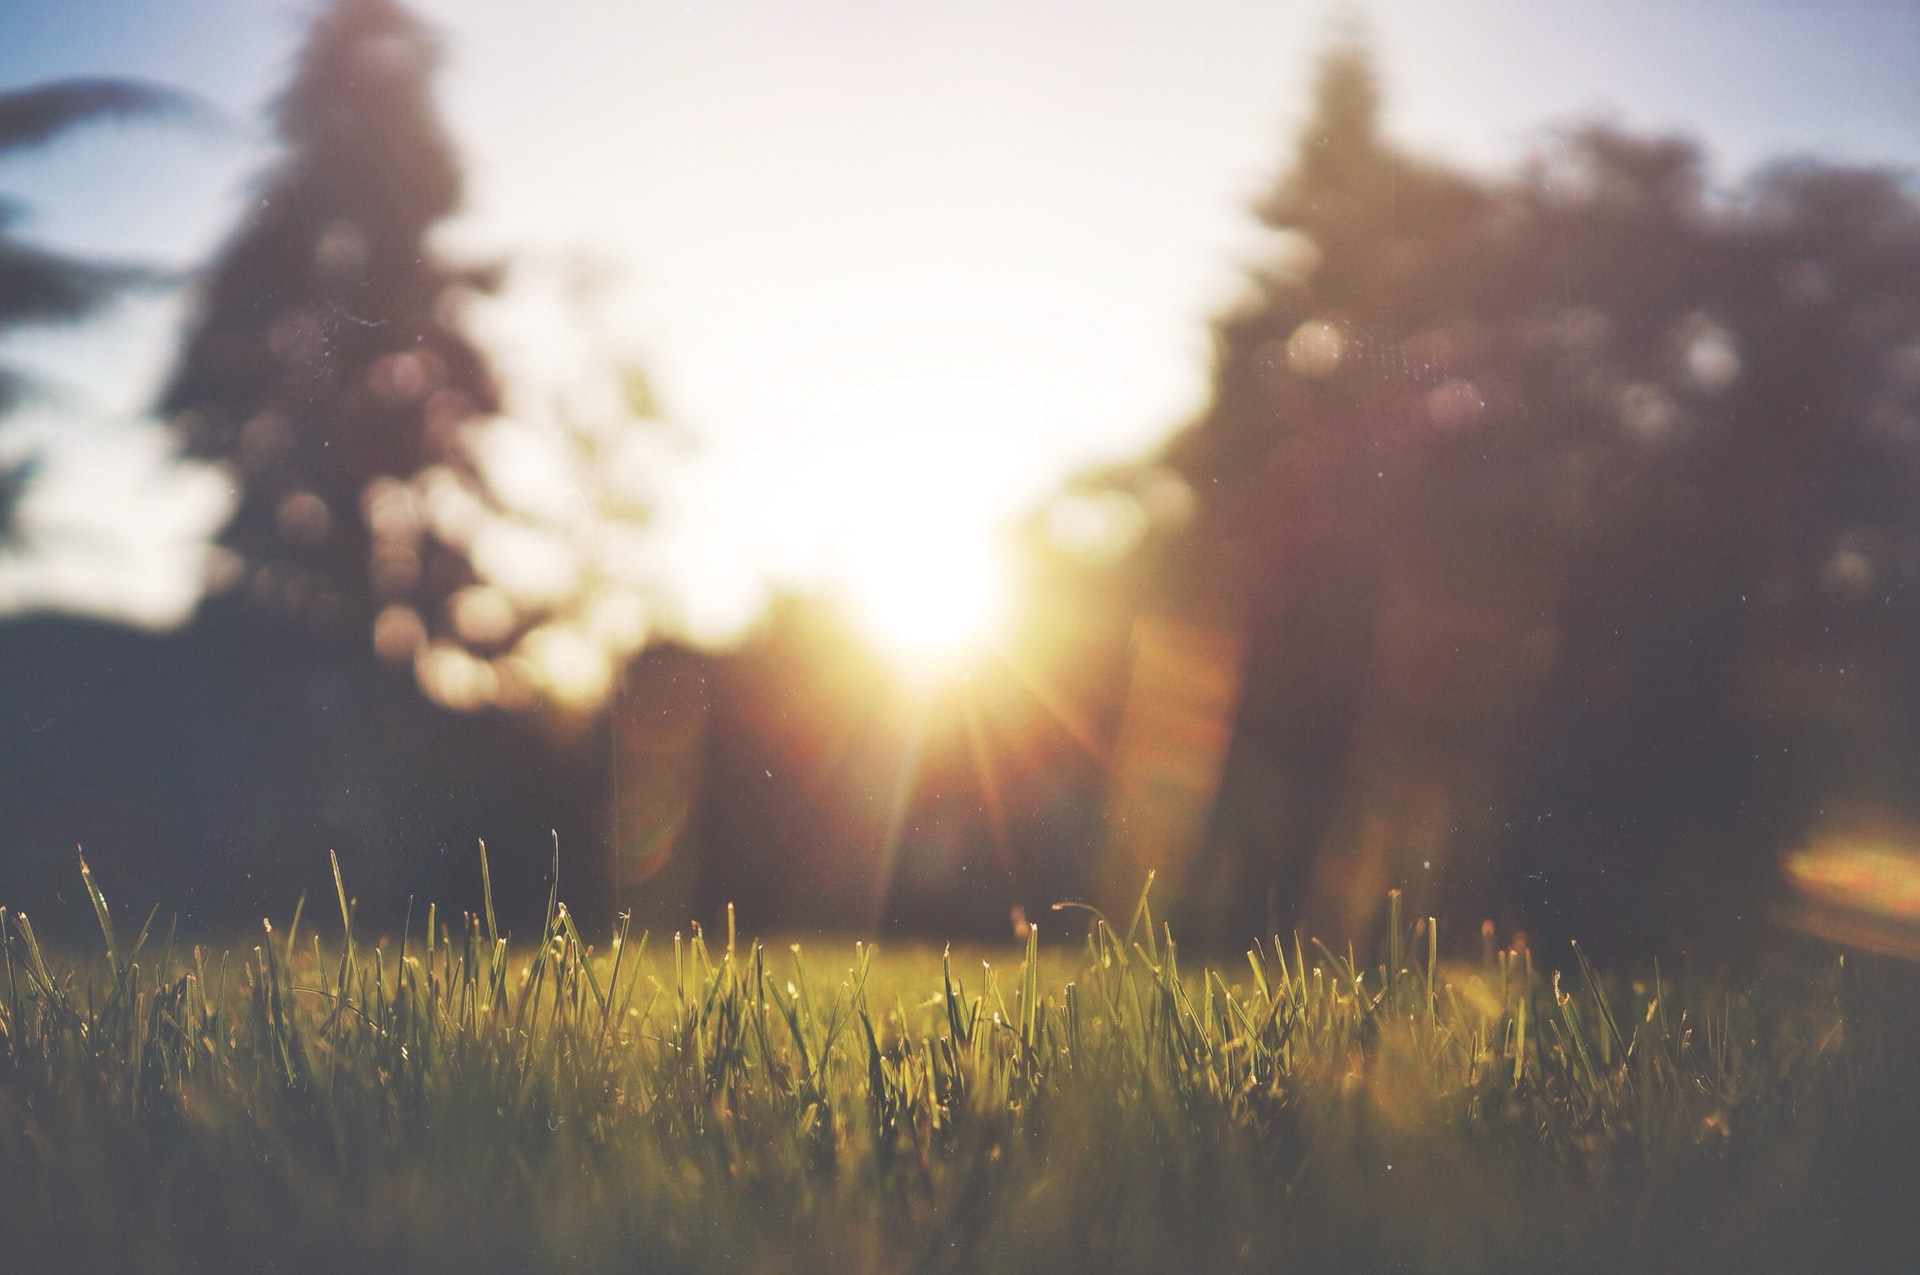 朝日の光が気持よくスッキリ目覚めさせてくれるワケ